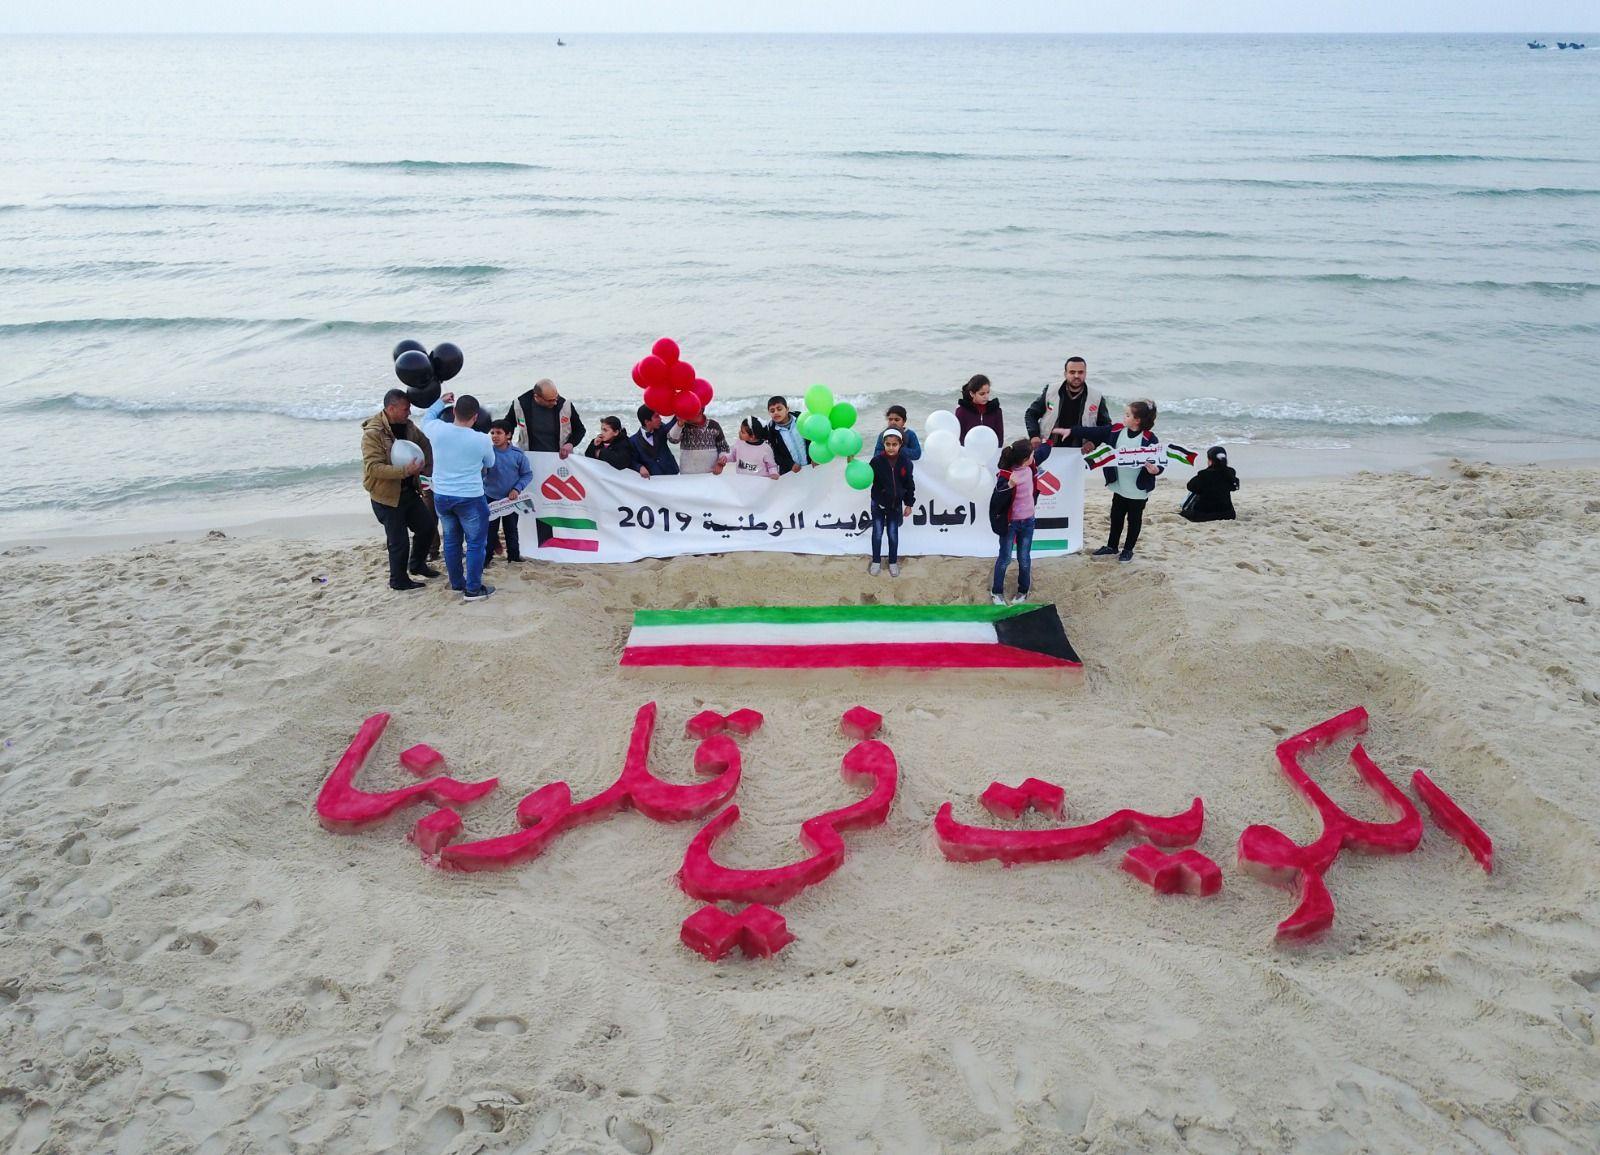 فعالية الرسم على شاطئ بحر غزة بمناسبة اعياد الكويت الوطنية مكفولي الرحمة العالمية مكتب غزة Outdoor Blanket Beach Mat Beach